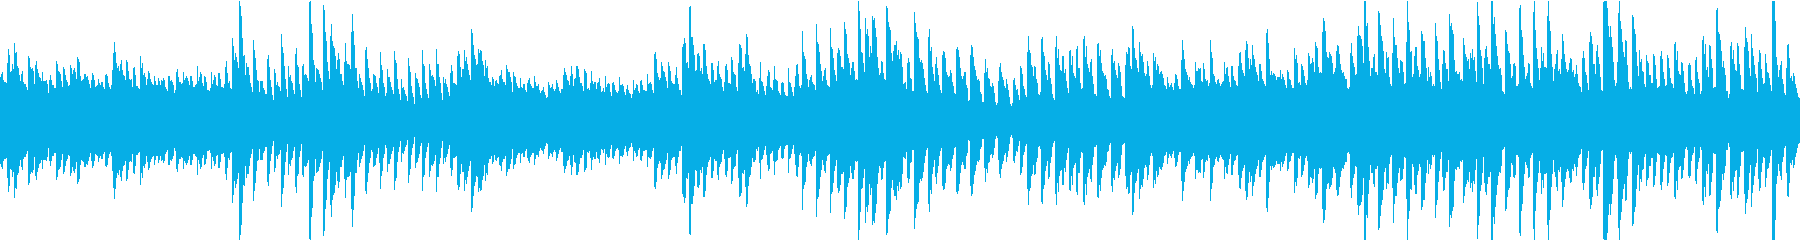 未知なる幻想空間をイメージしたピアノ曲の再生済みの波形